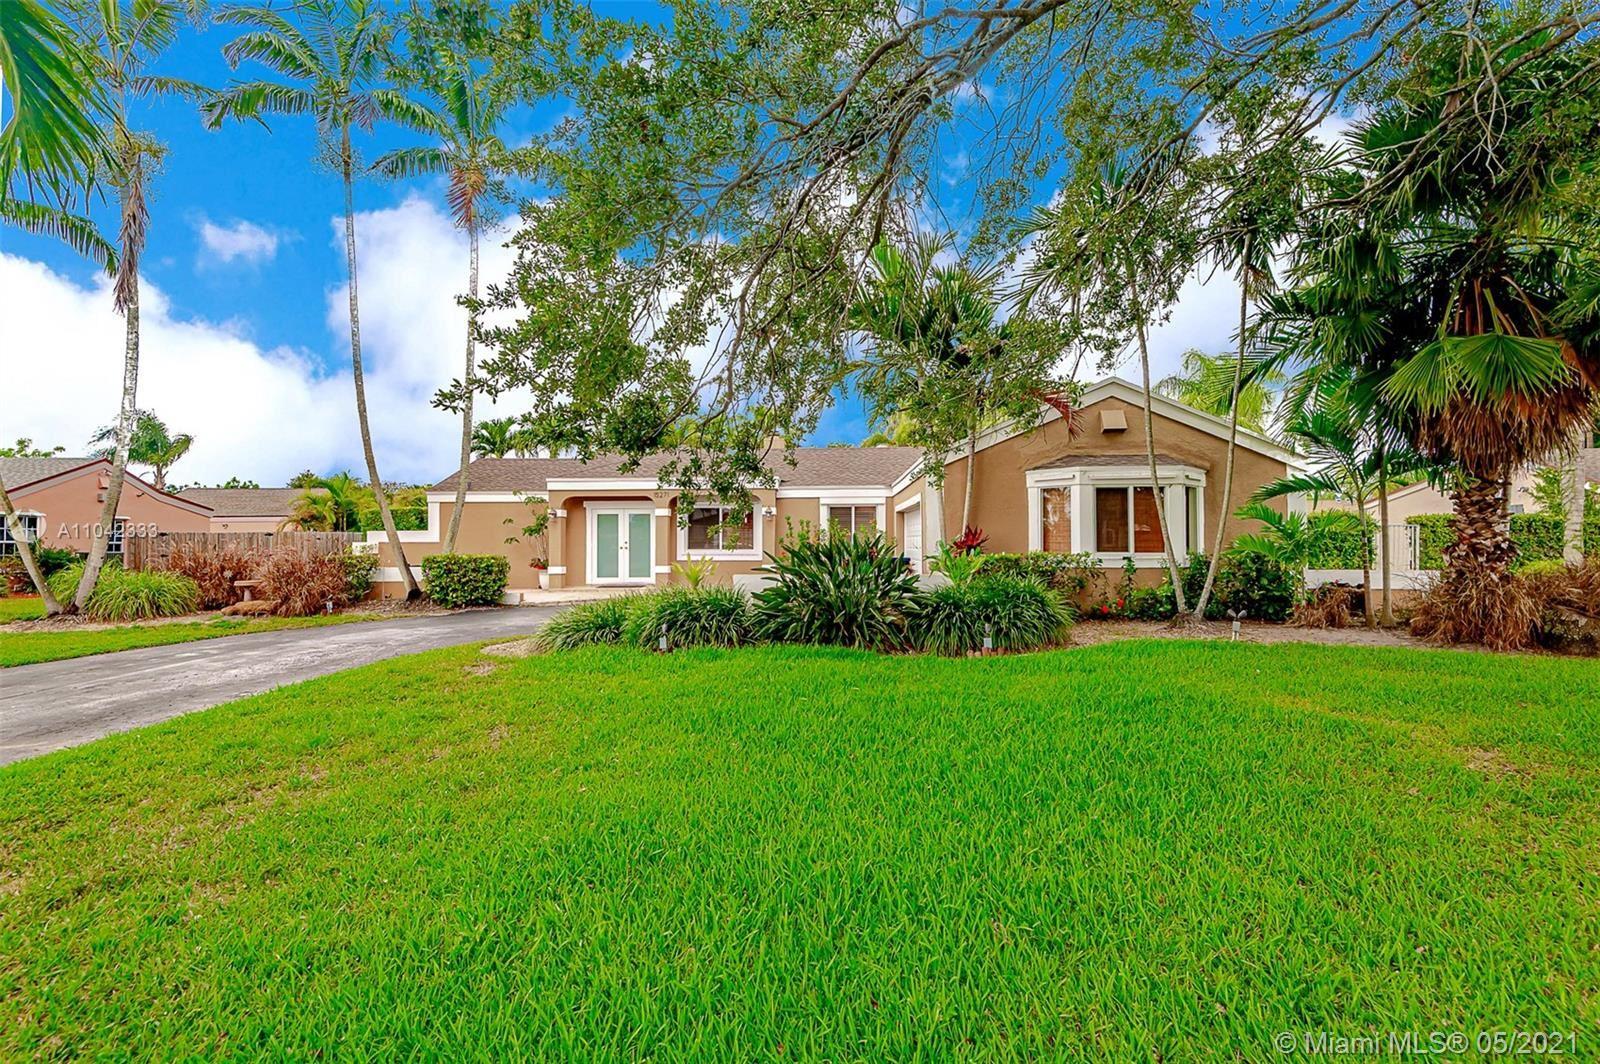 15271 SW 154th Ter, Miami, FL 33187 - #: A11042333